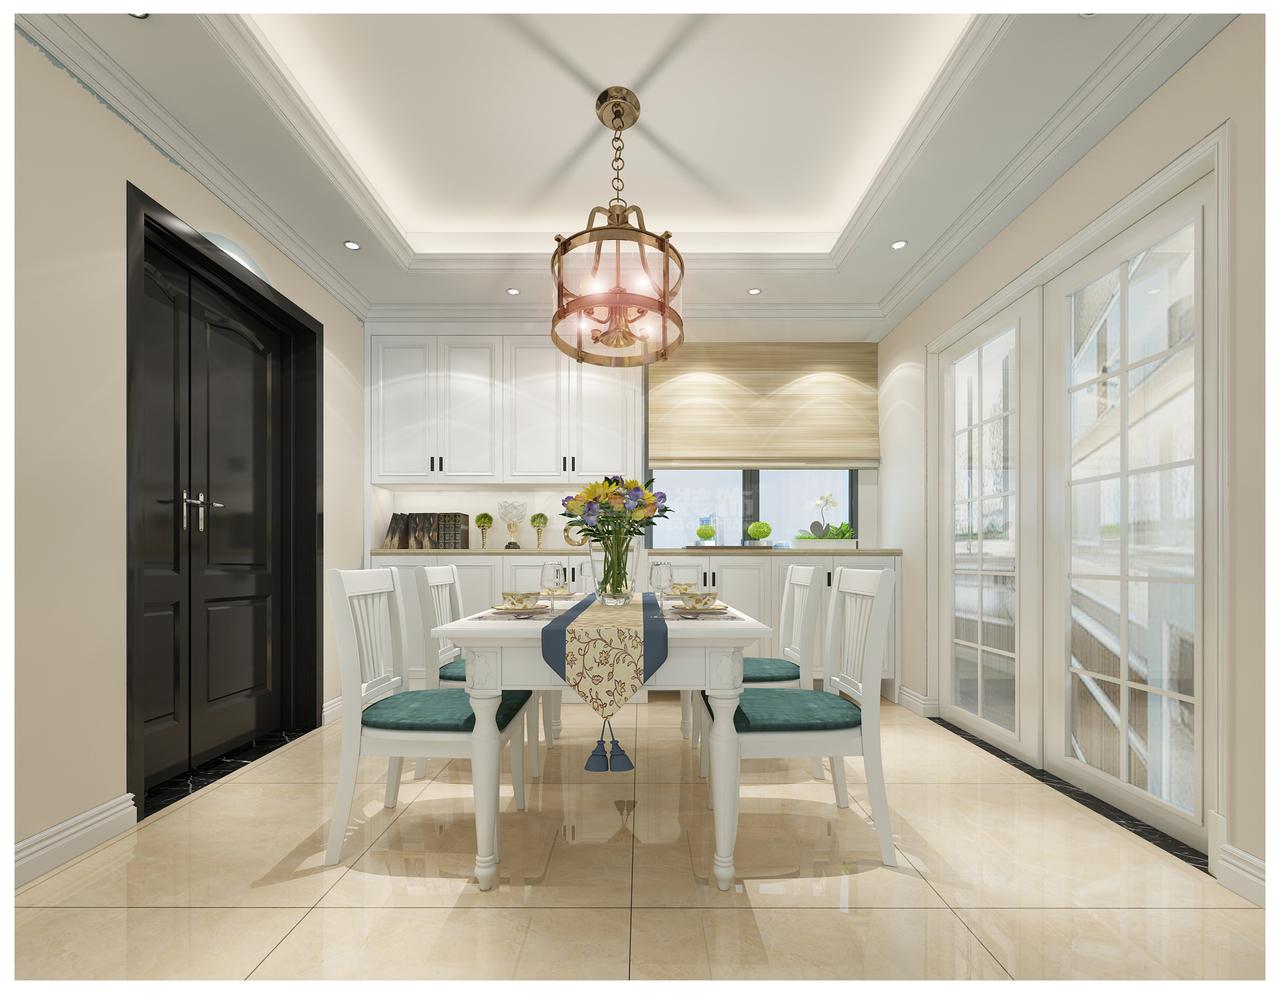 中天未来方舟彰显华美、富丽、浪漫气氛的简美风,韩式,地中海,单身公寓,120.0㎡